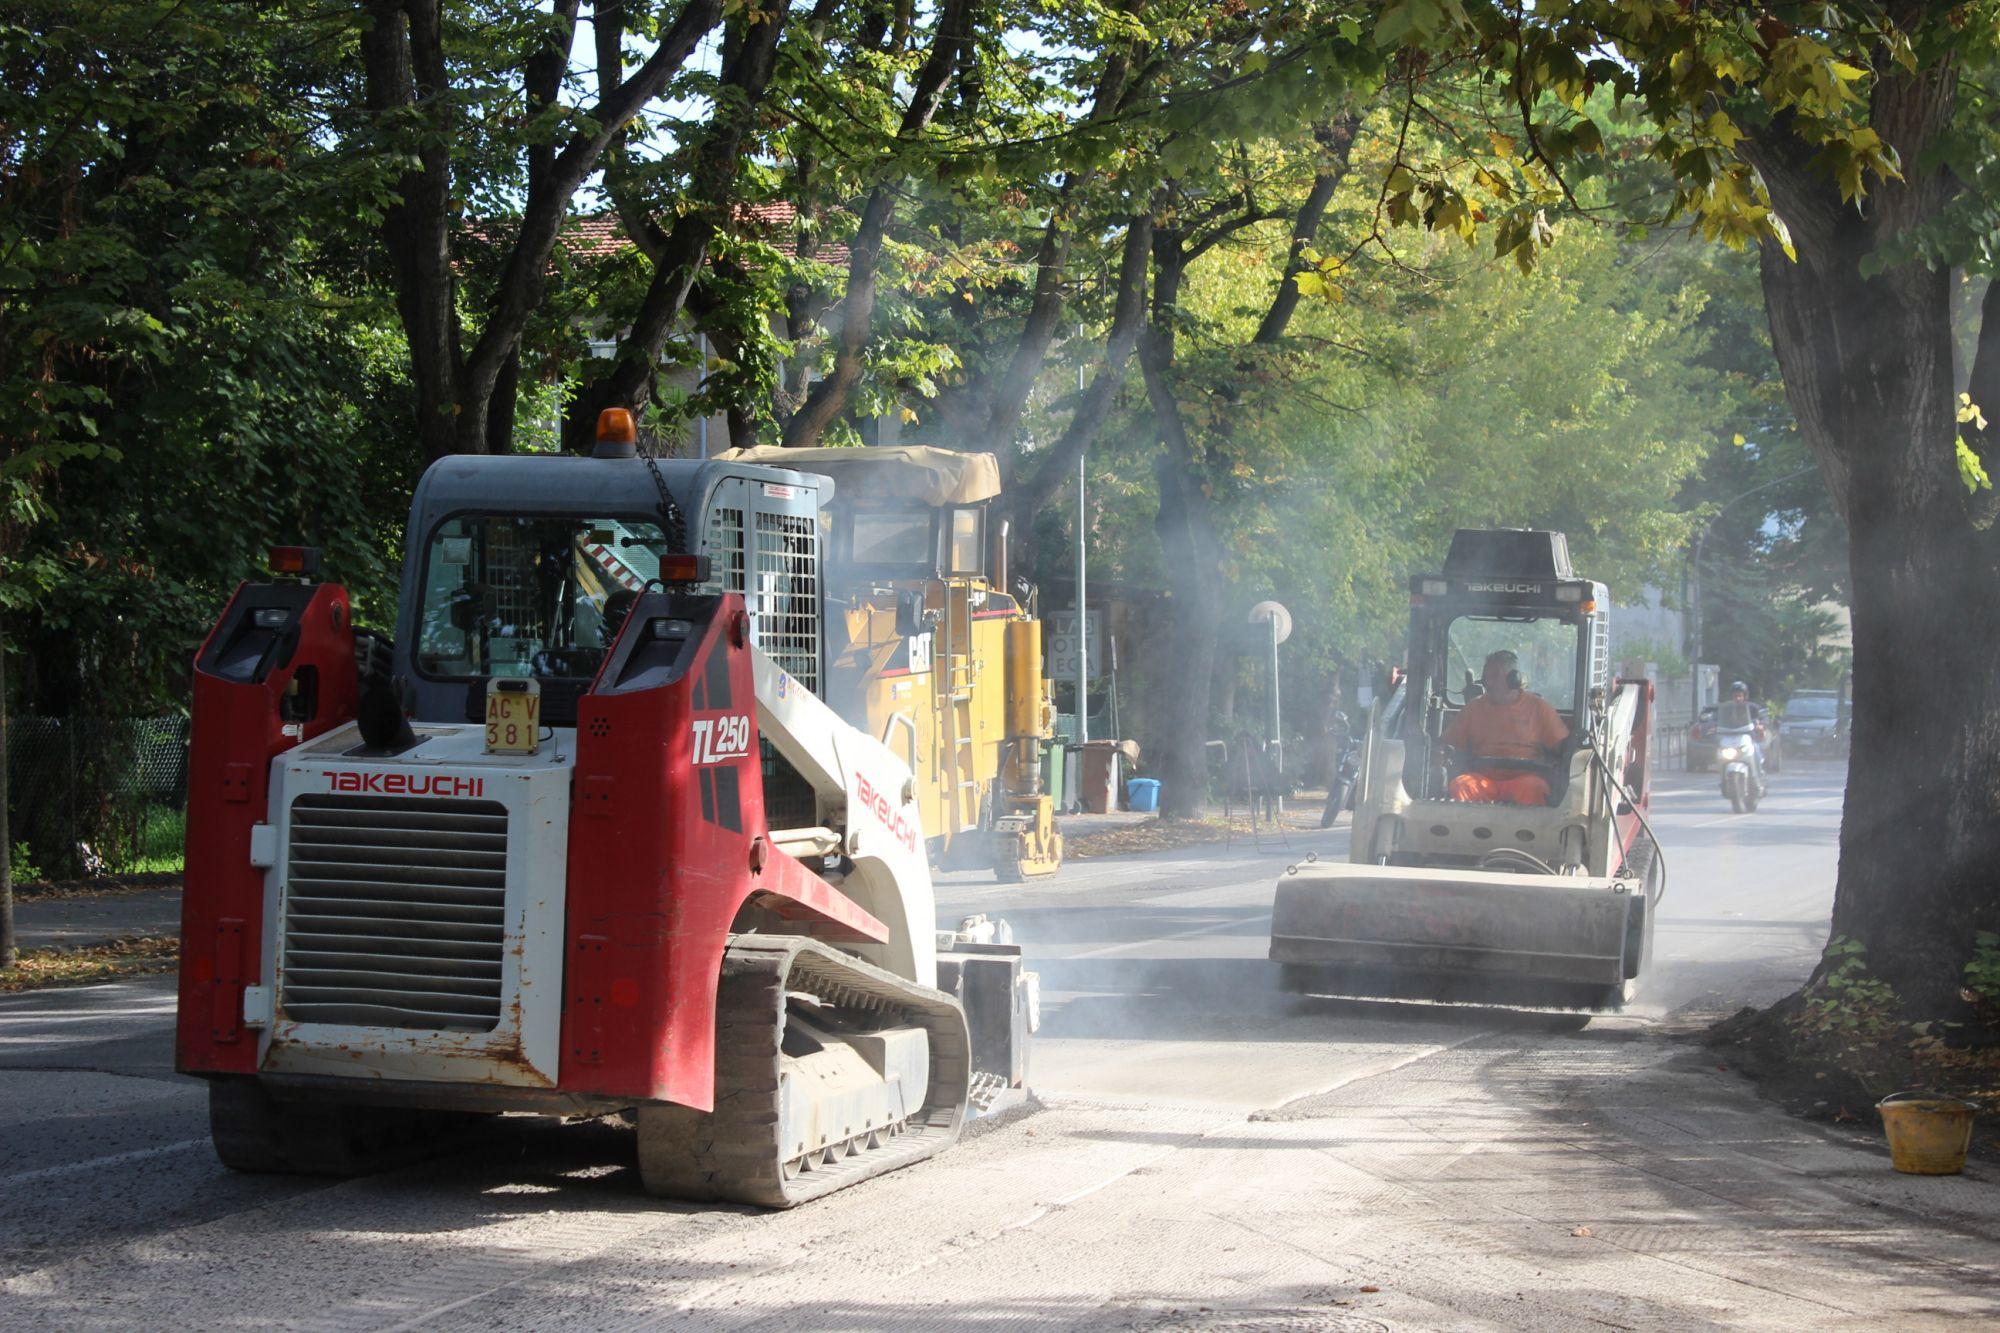 Sicurezza stradale, 4 milioni per interventi sulle strade urbane. Risorse anche alla lucchesia